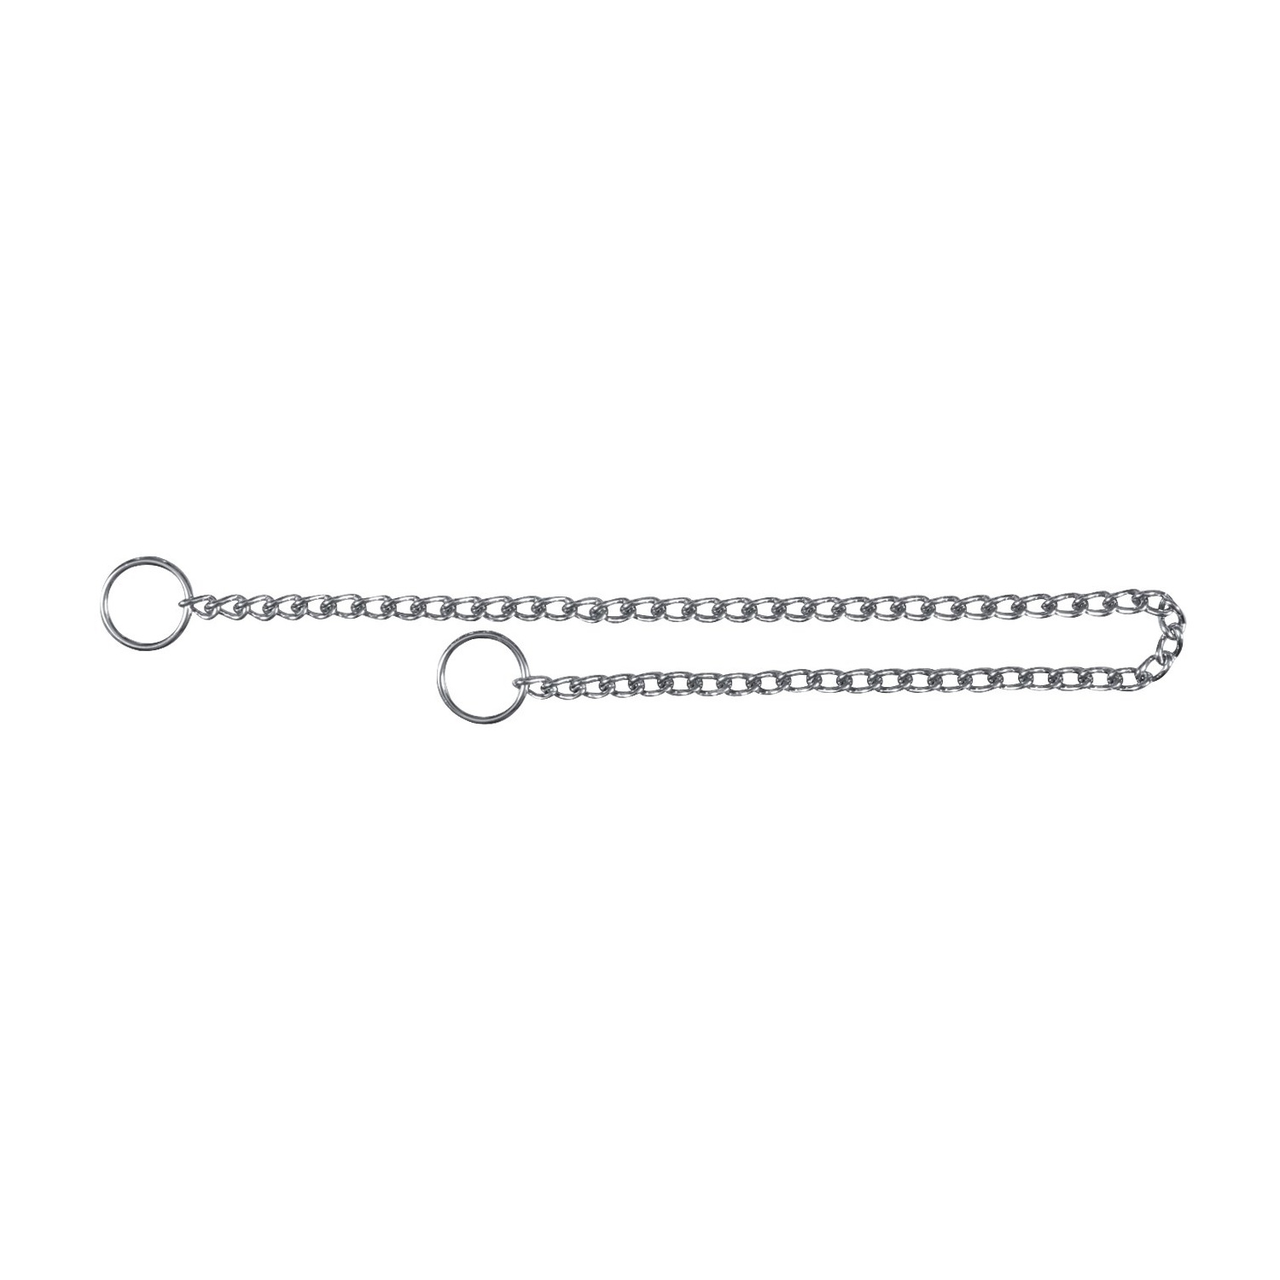 Цепь-удавка Trixie хромированная 50 см / 3 мм